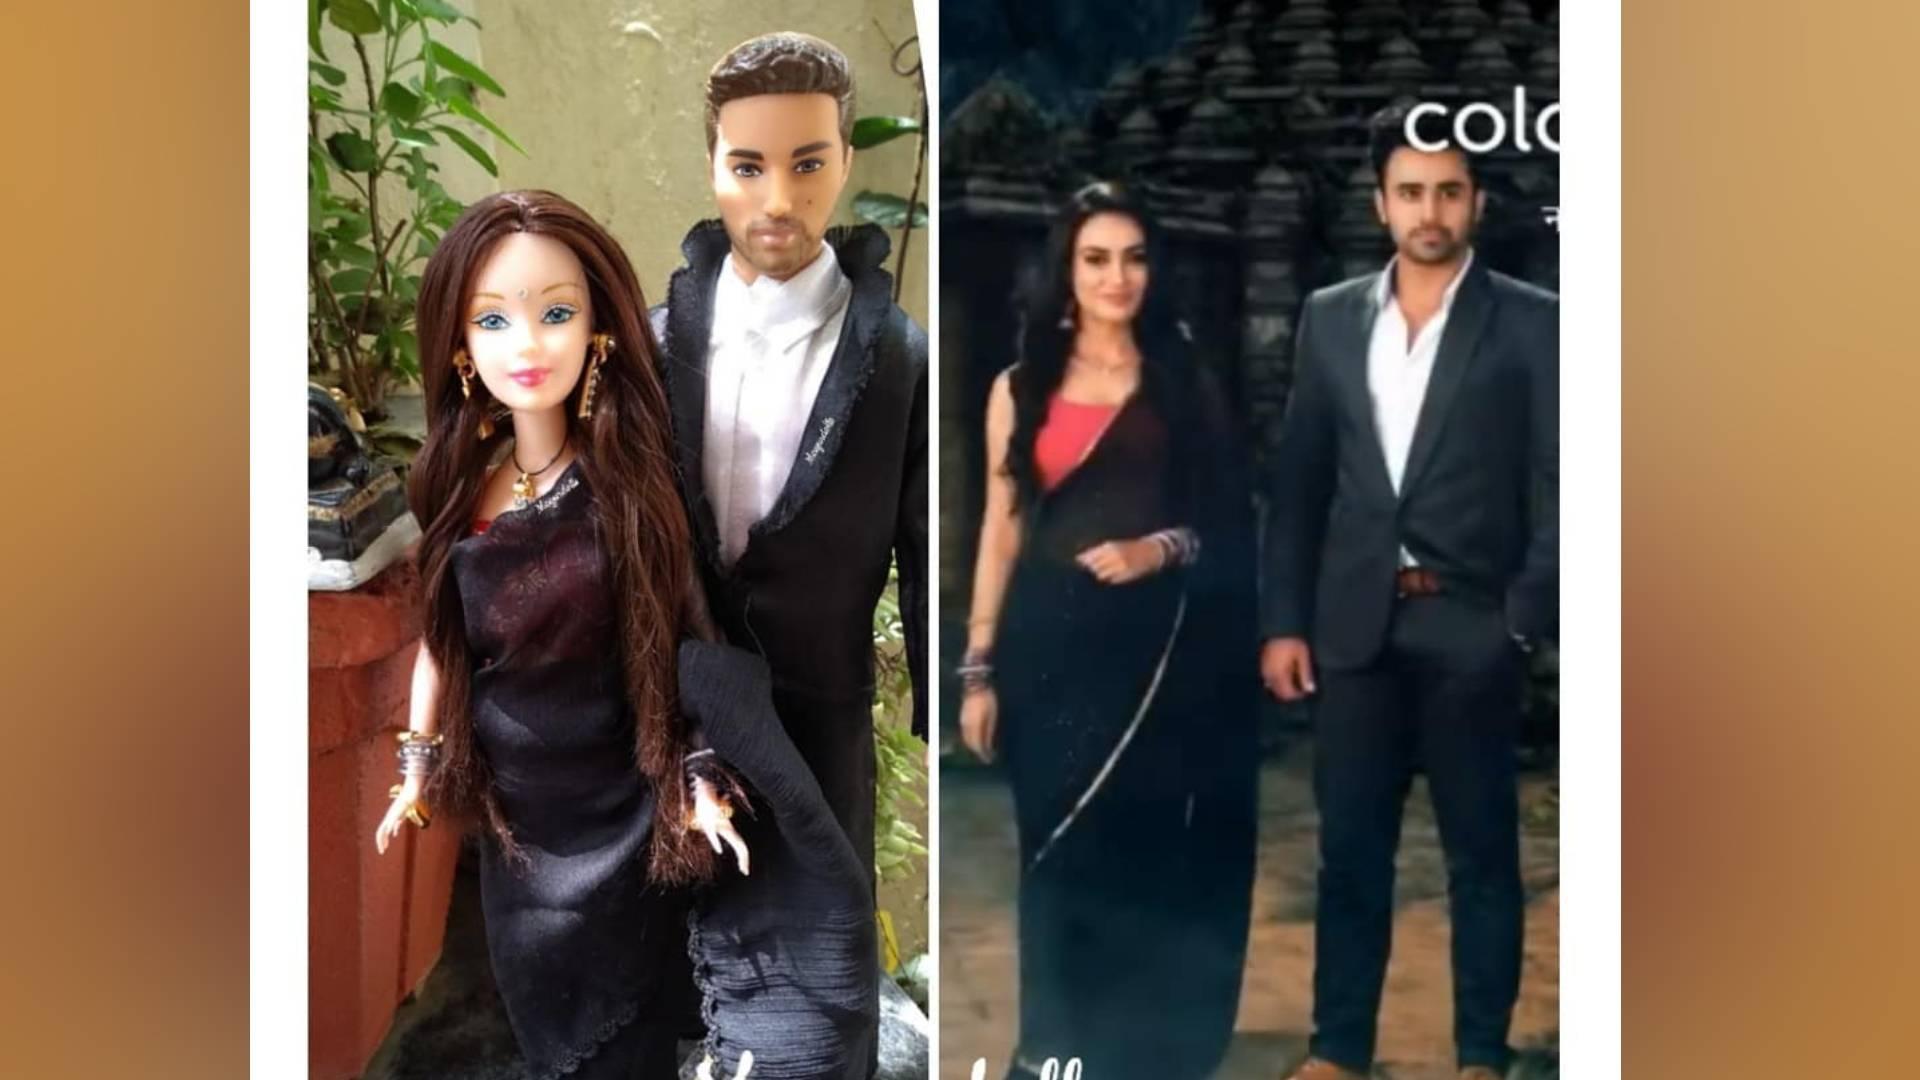 हिना खान के बाद मार्केट में छाई बेला और माहिर की डॉल, देखिए सोशल मीडिया पर वायरल हो रही ये तस्वीरें